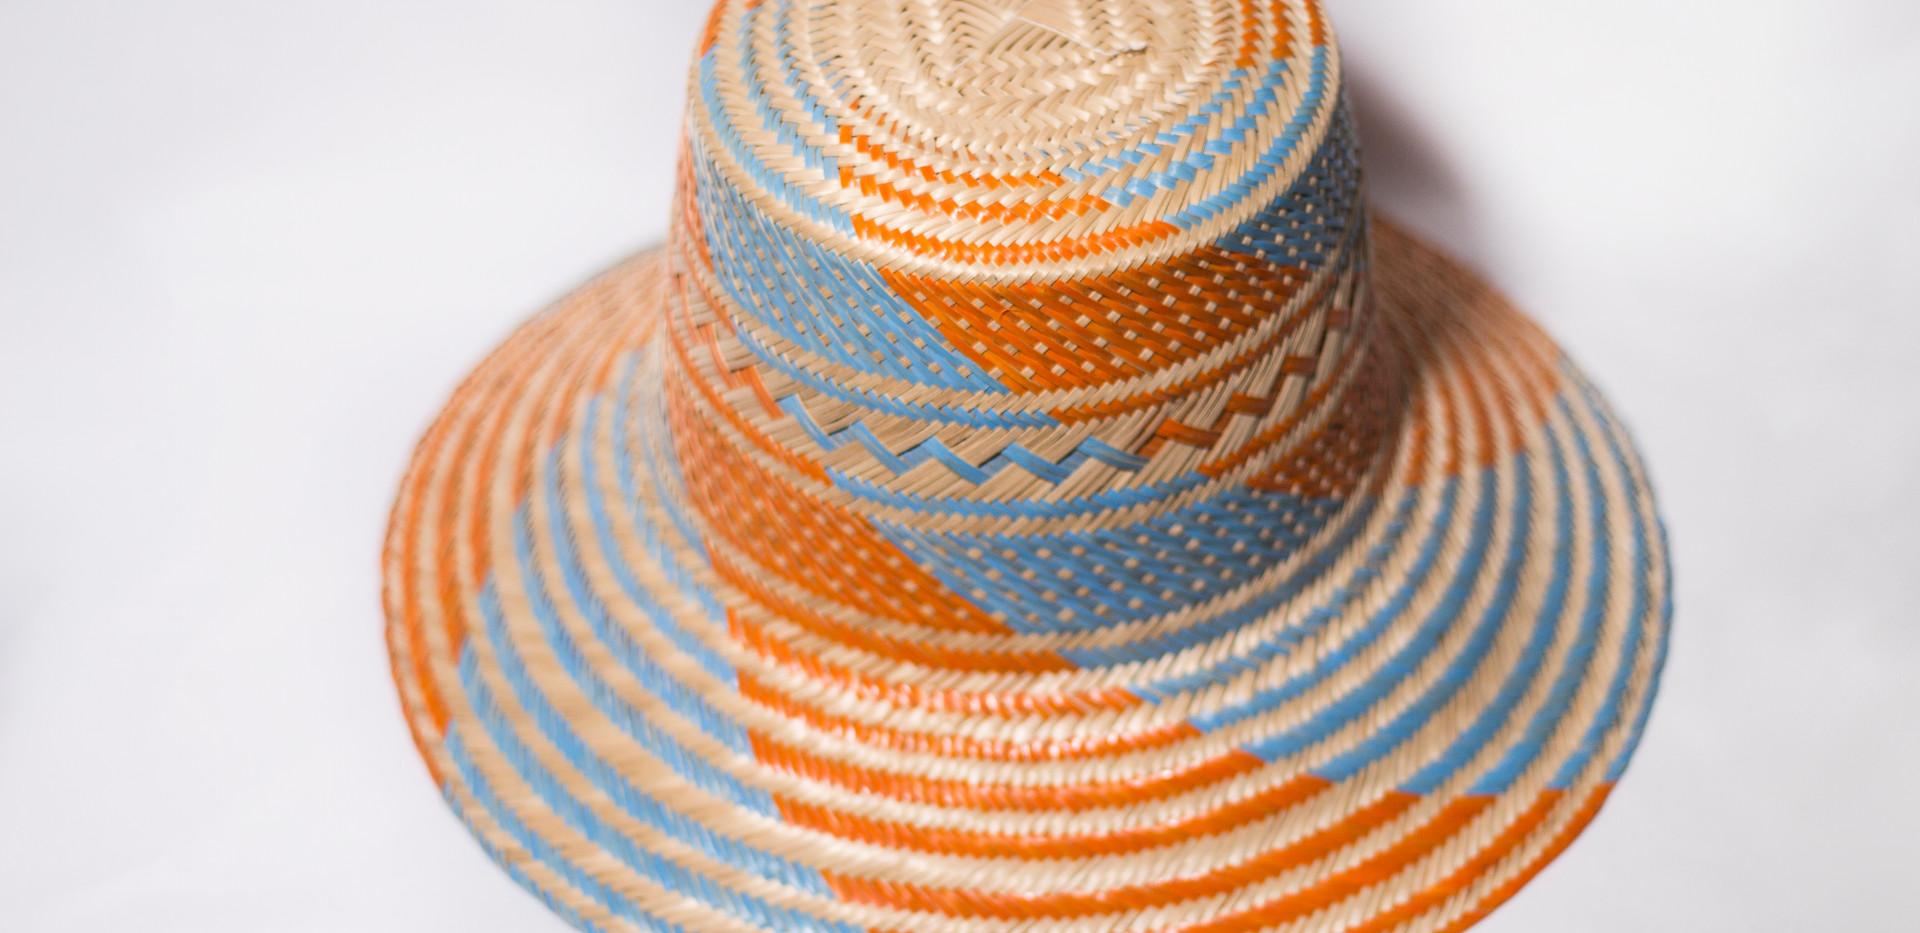 Sombrero a mano